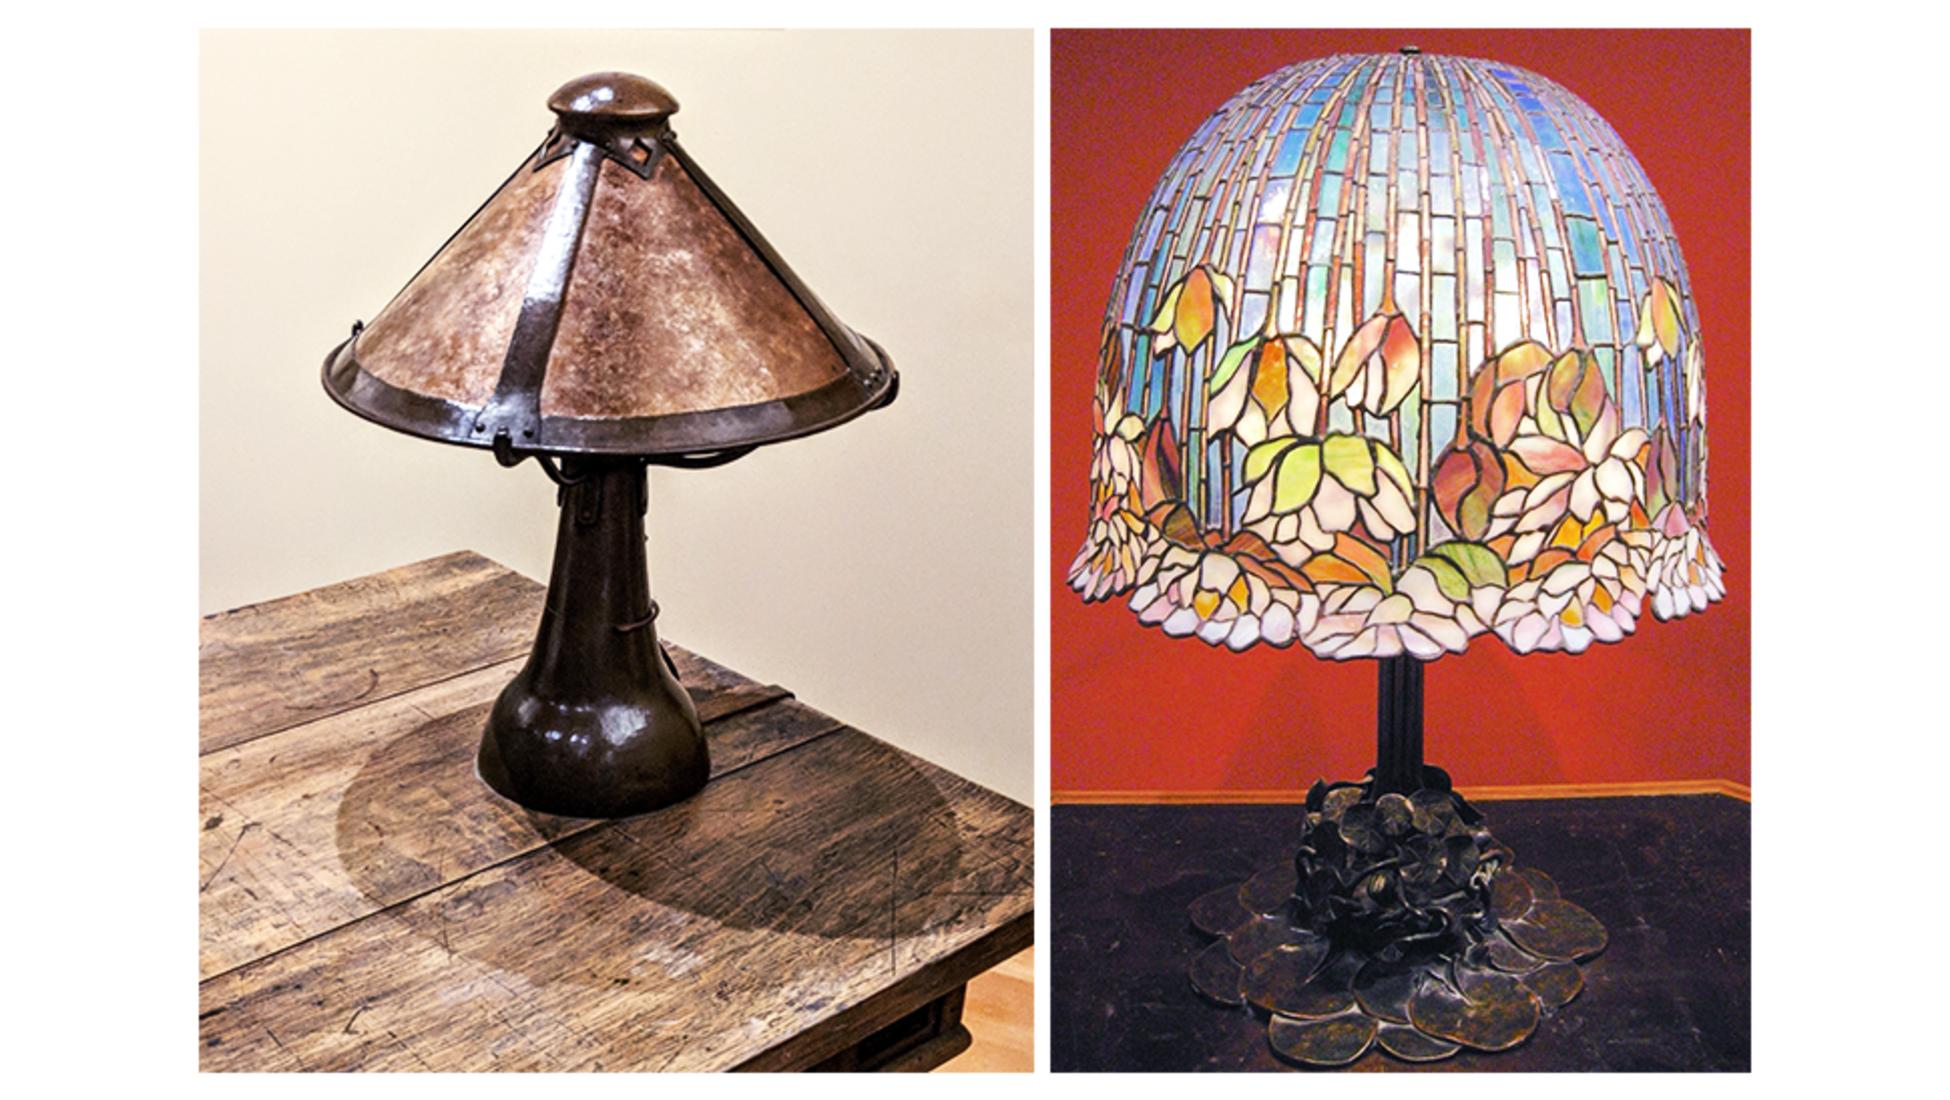 Lampadina A Incandescenza Storia la storia del design raccontata dalle lampade - catawiki